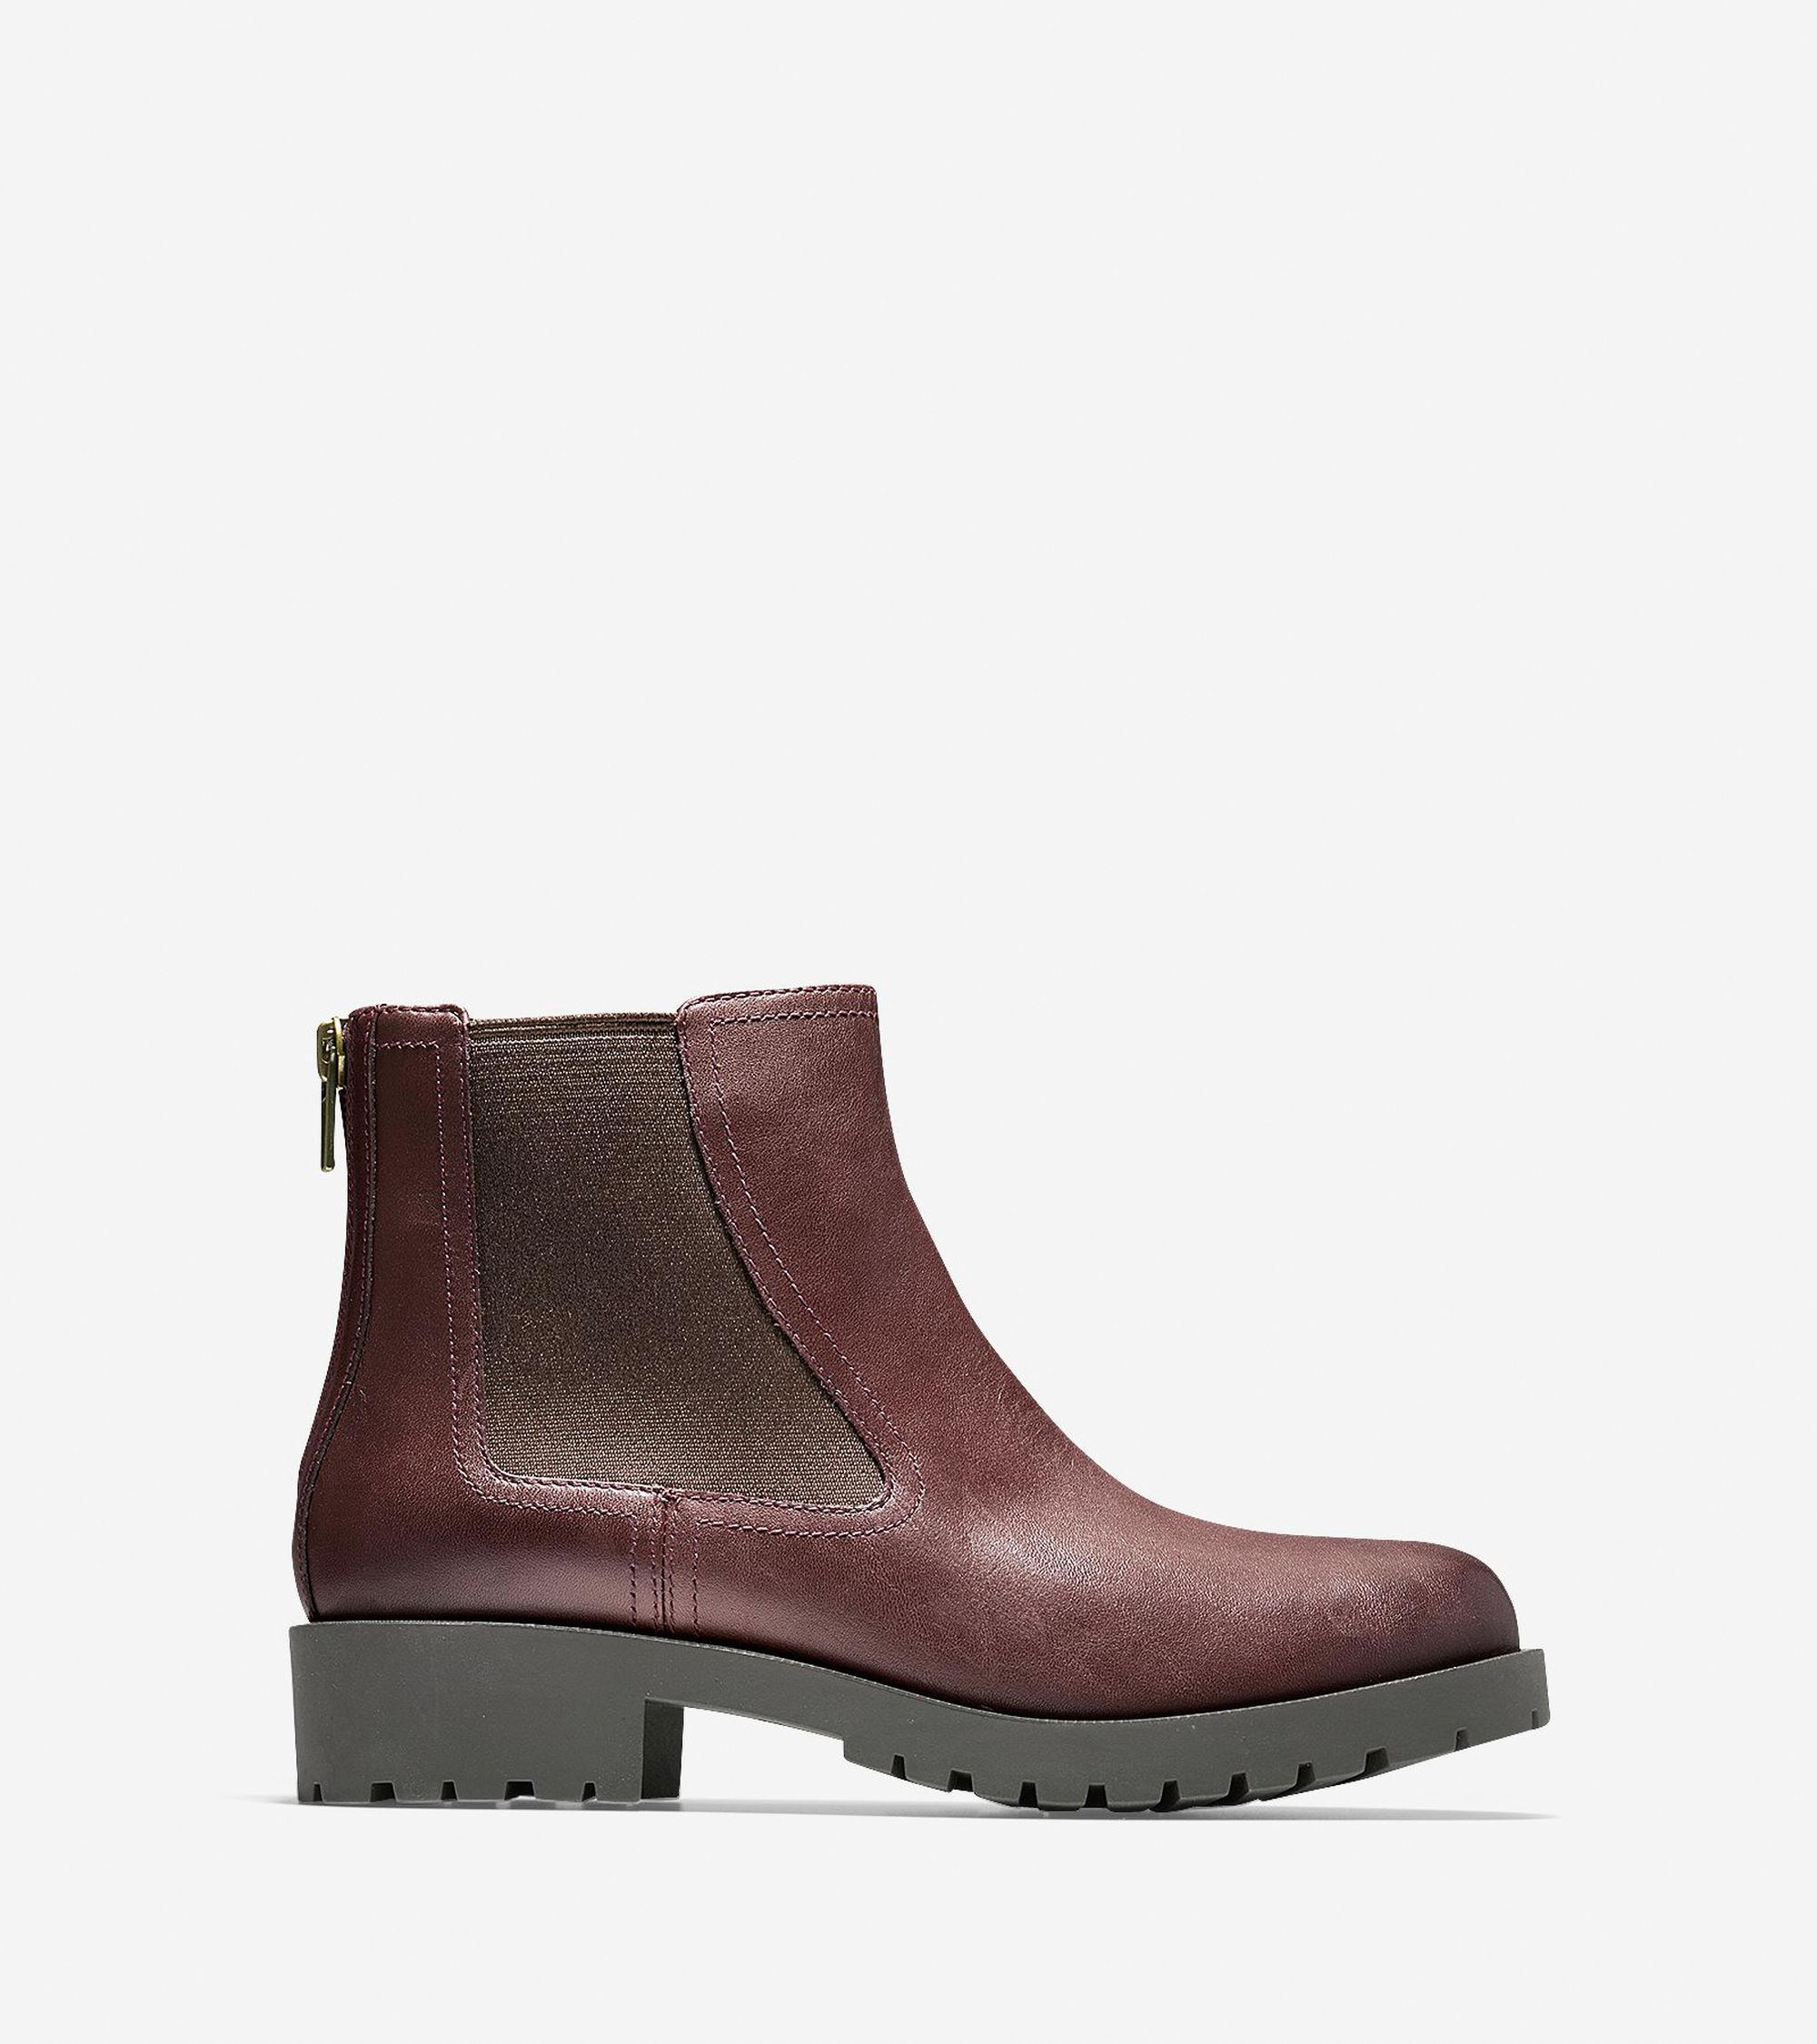 Buy Cole Haan Shoes In Uk